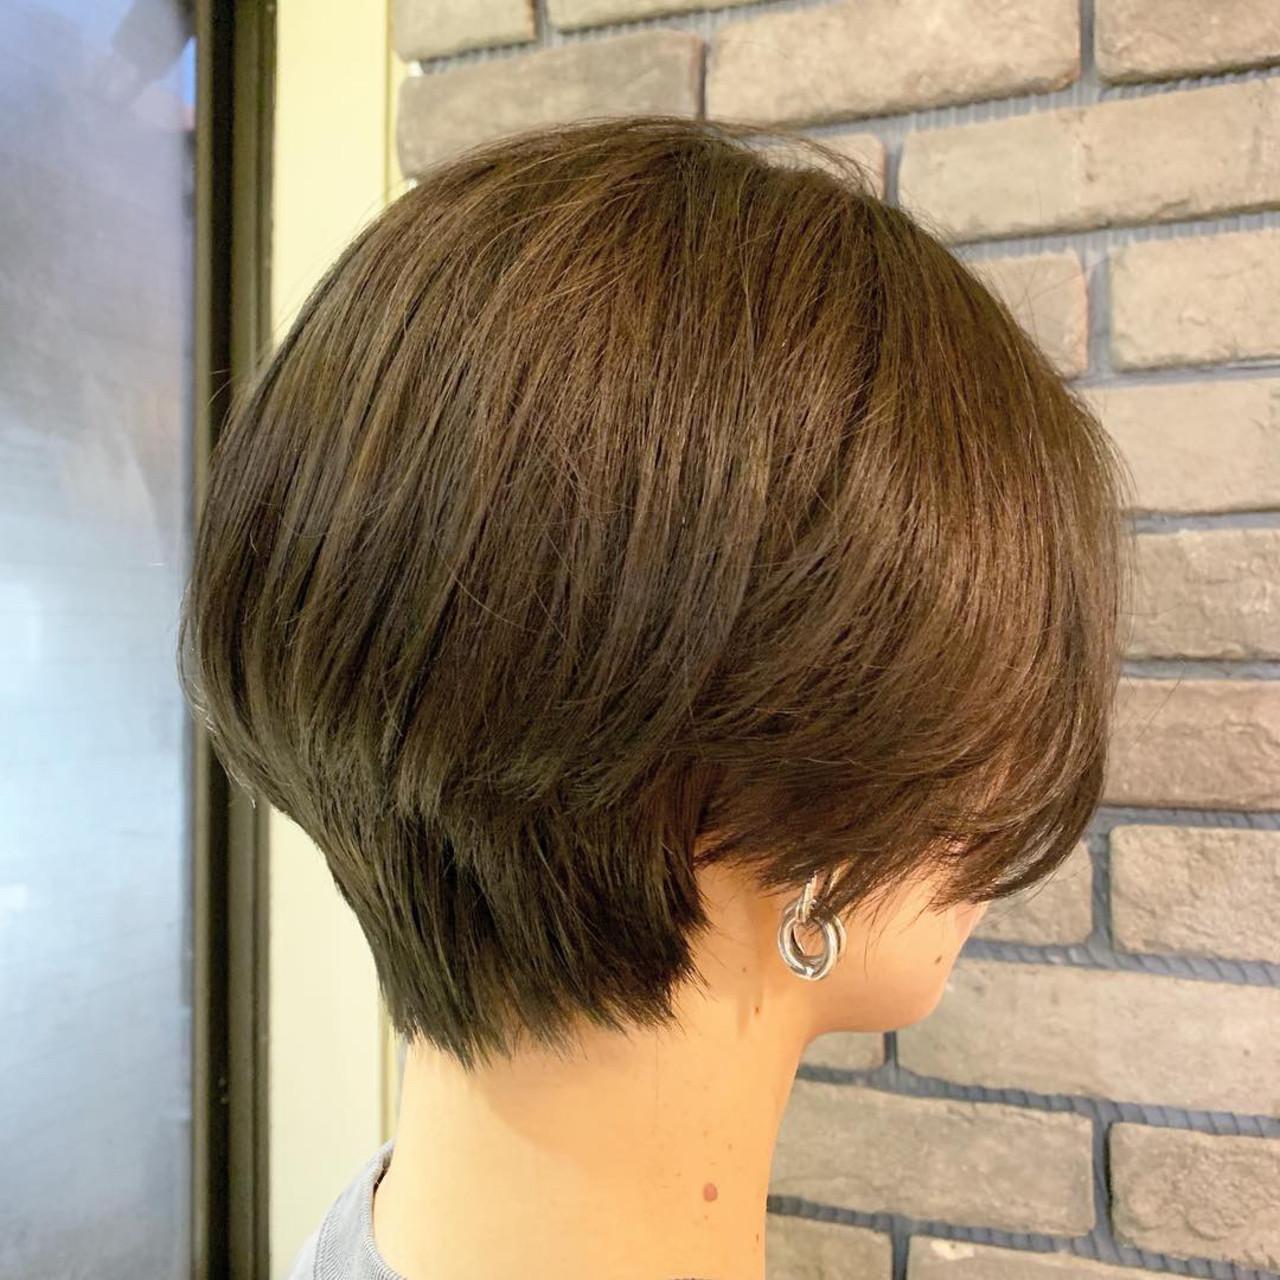 ナチュラル アンニュイほつれヘア 前下がりショート 小顔ショート ヘアスタイルや髪型の写真・画像